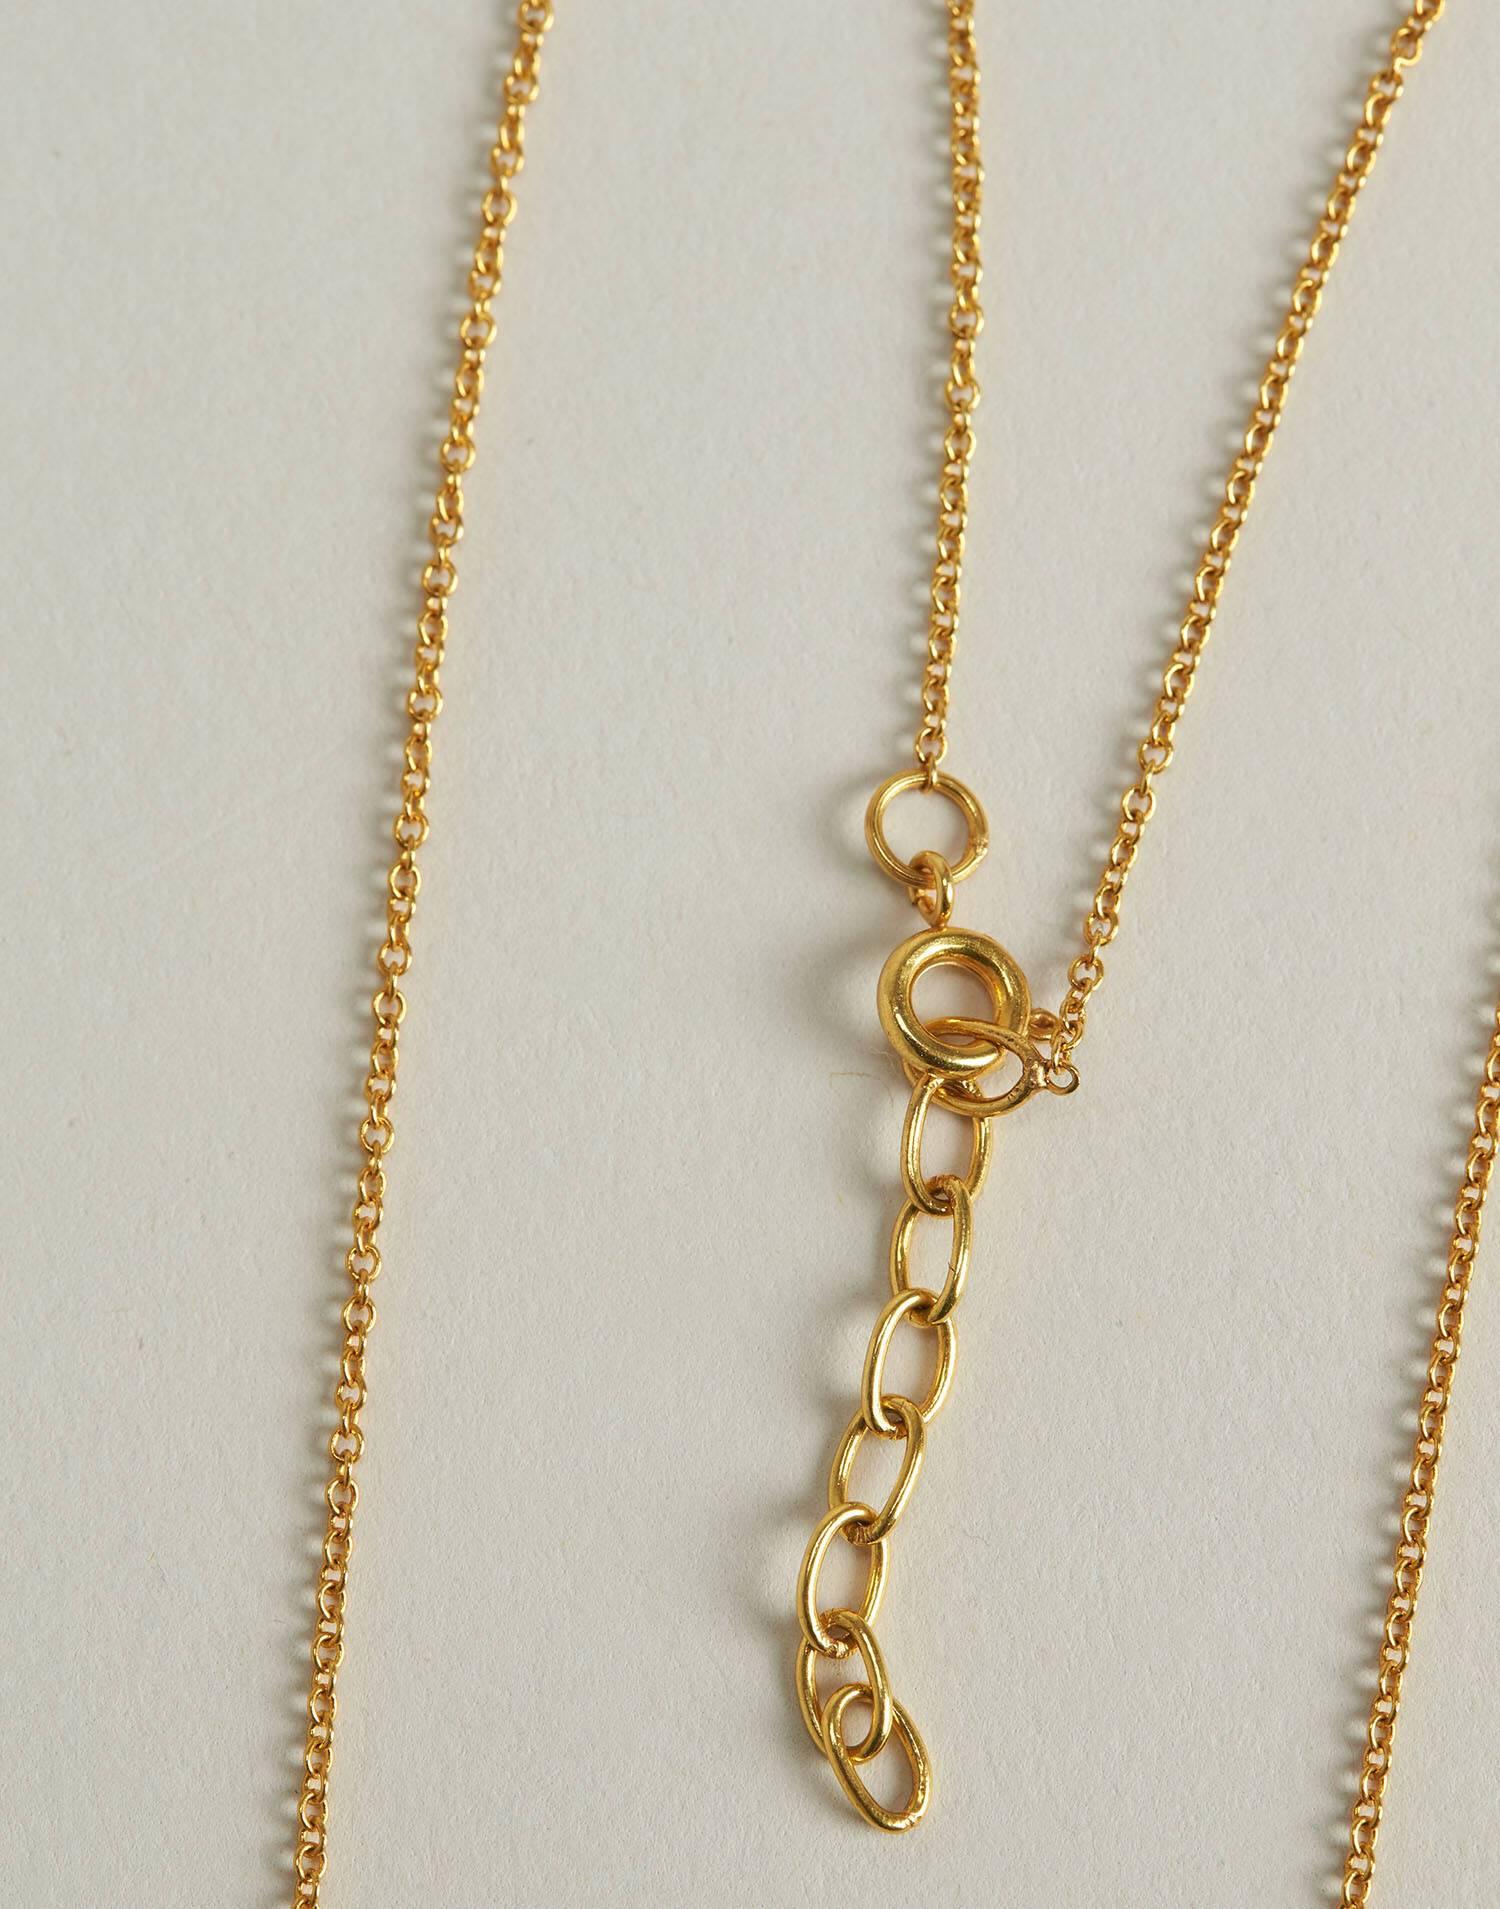 Collar medalla turquesa baño de oro